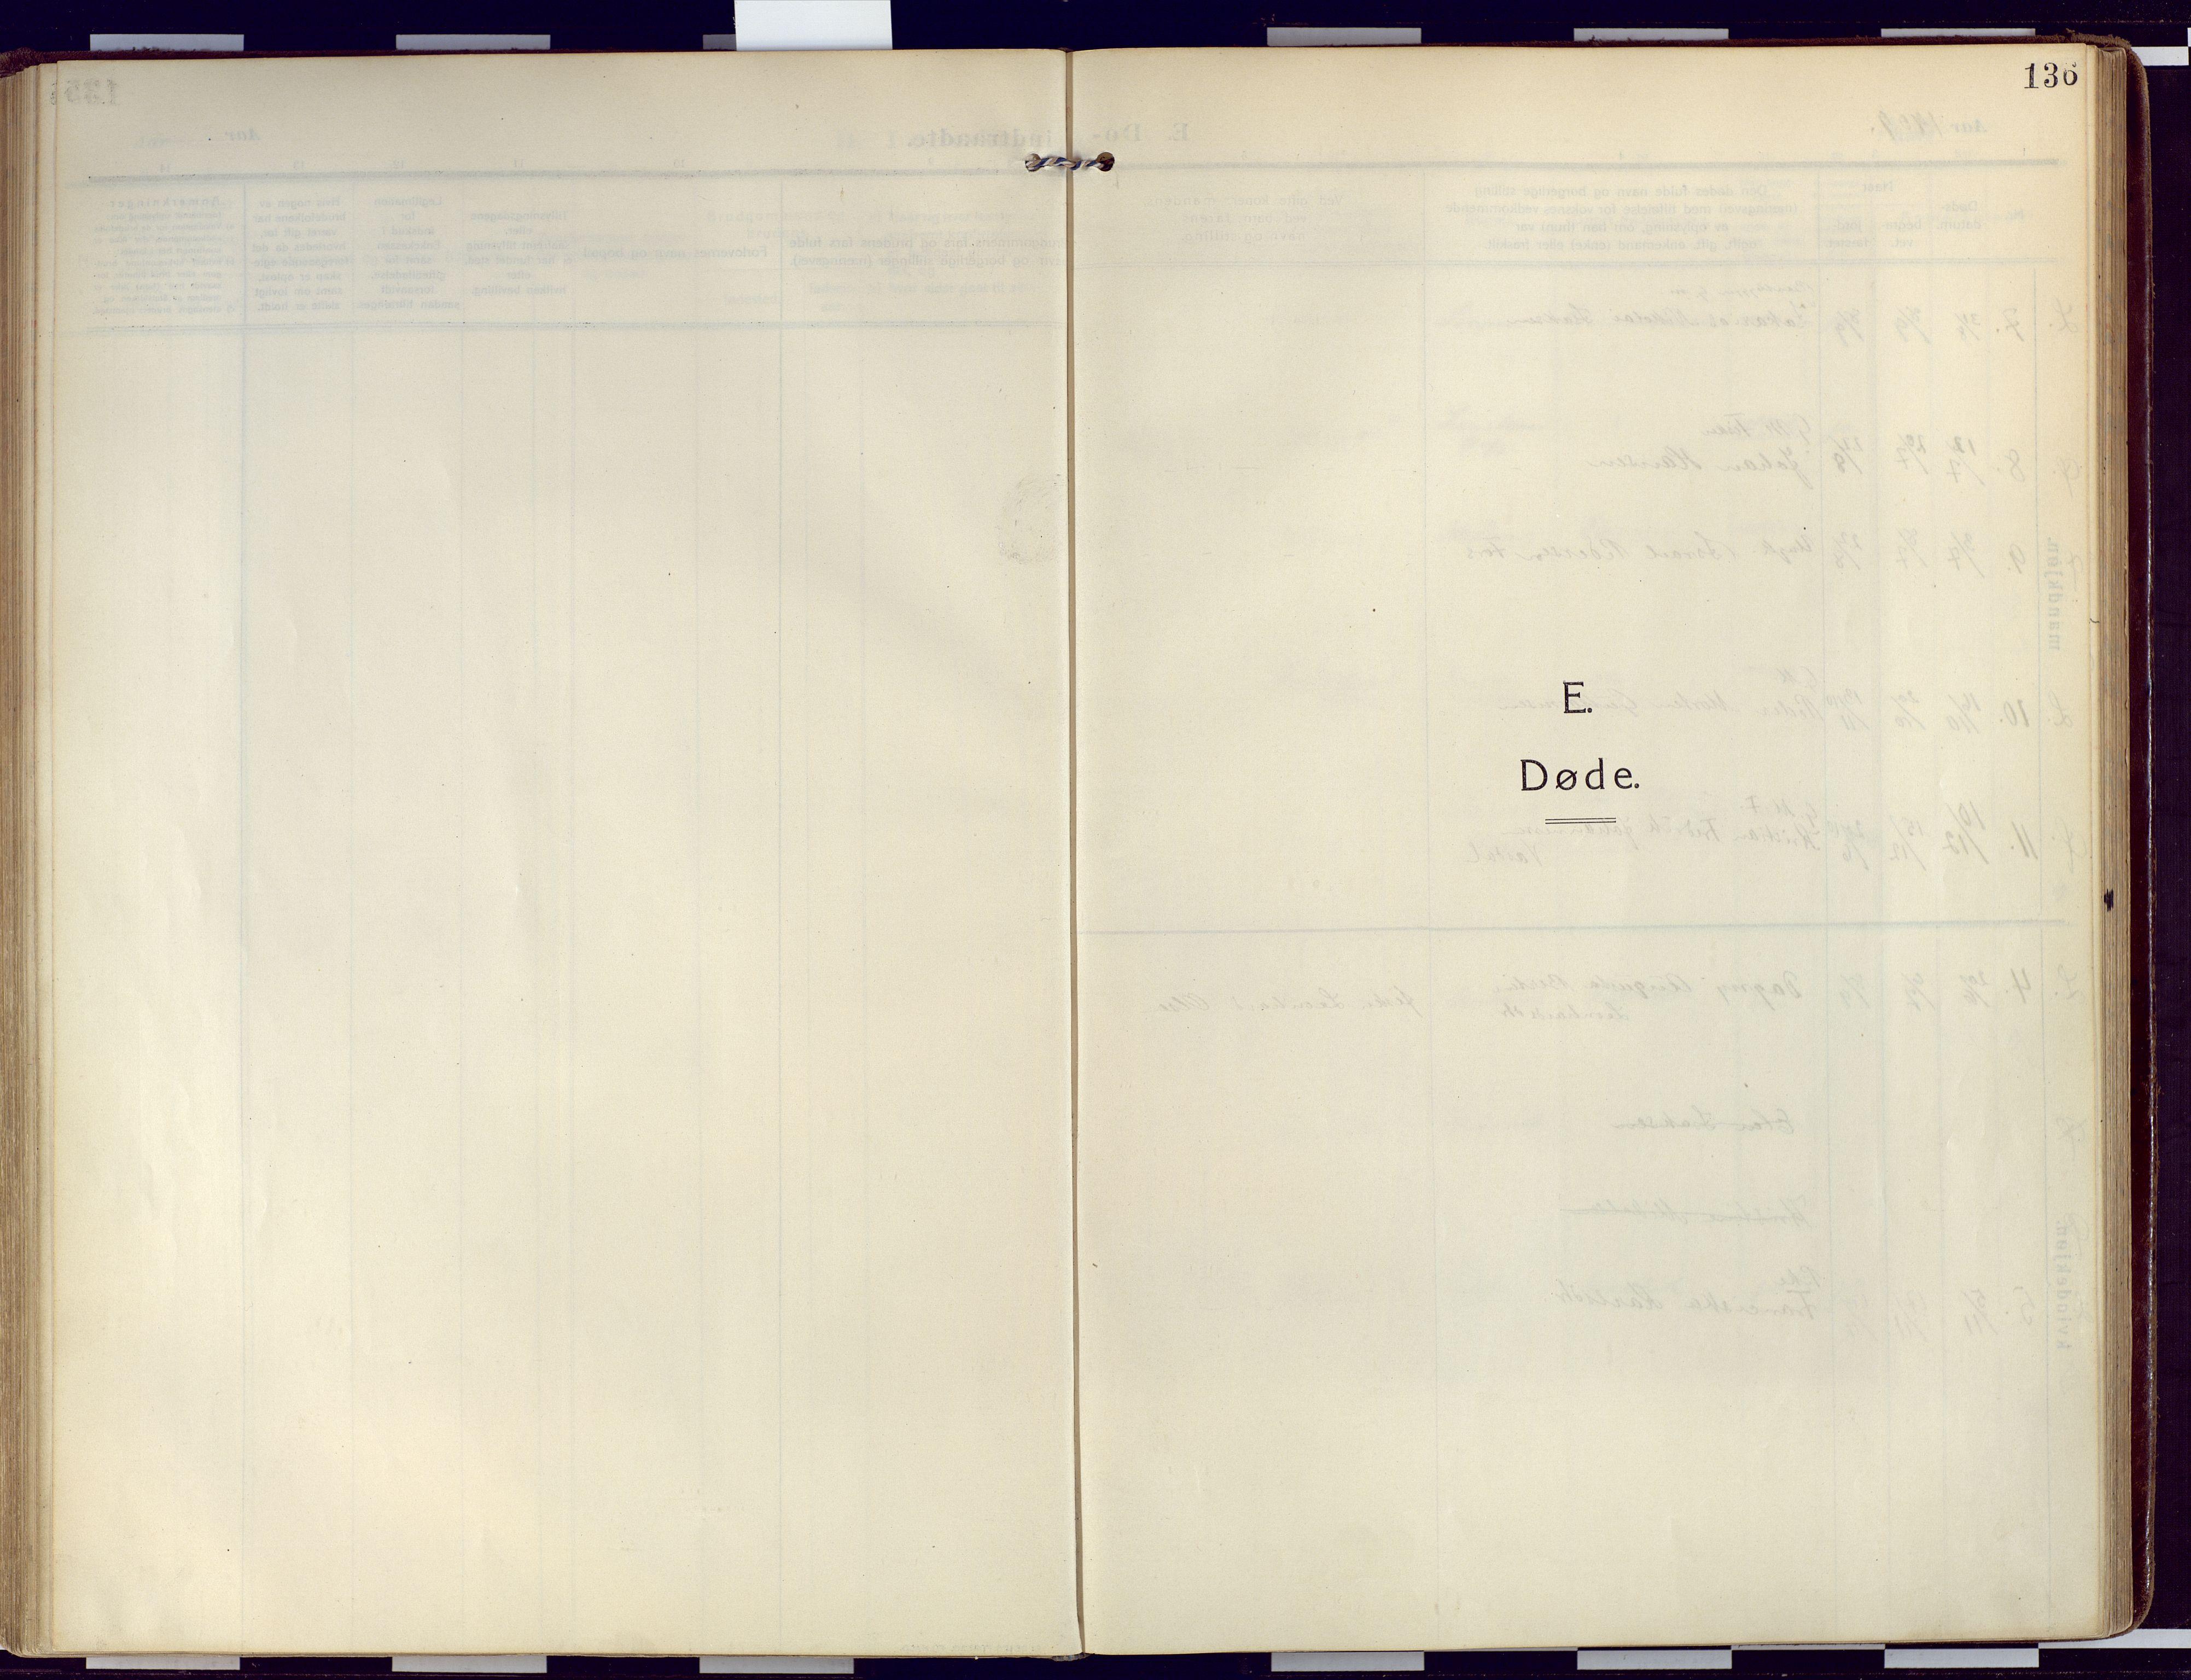 SATØ, Loppa sokneprestkontor, H/Ha/L0011kirke: Ministerialbok nr. 11, 1909-1919, s. 136